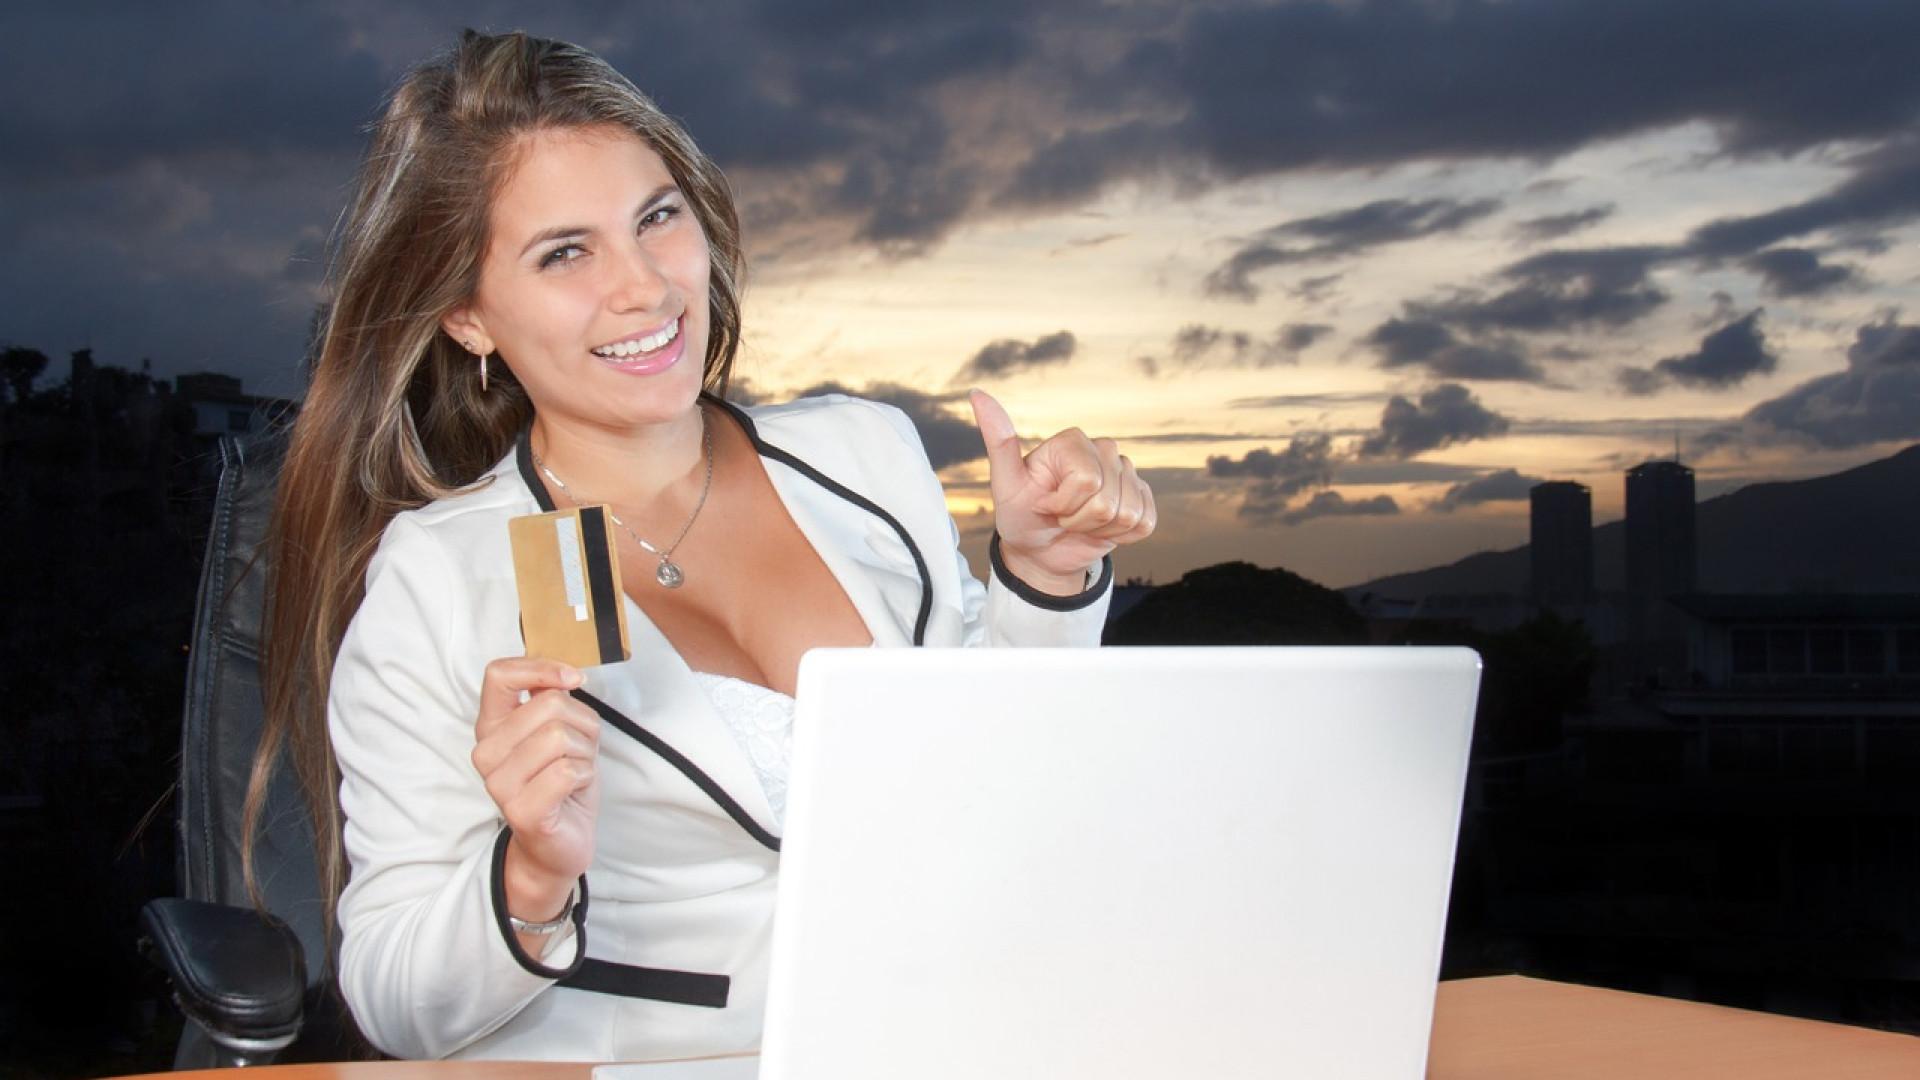 L'association professionnelle des intermédiaires en crédits (Apic) de plus en plus concertée